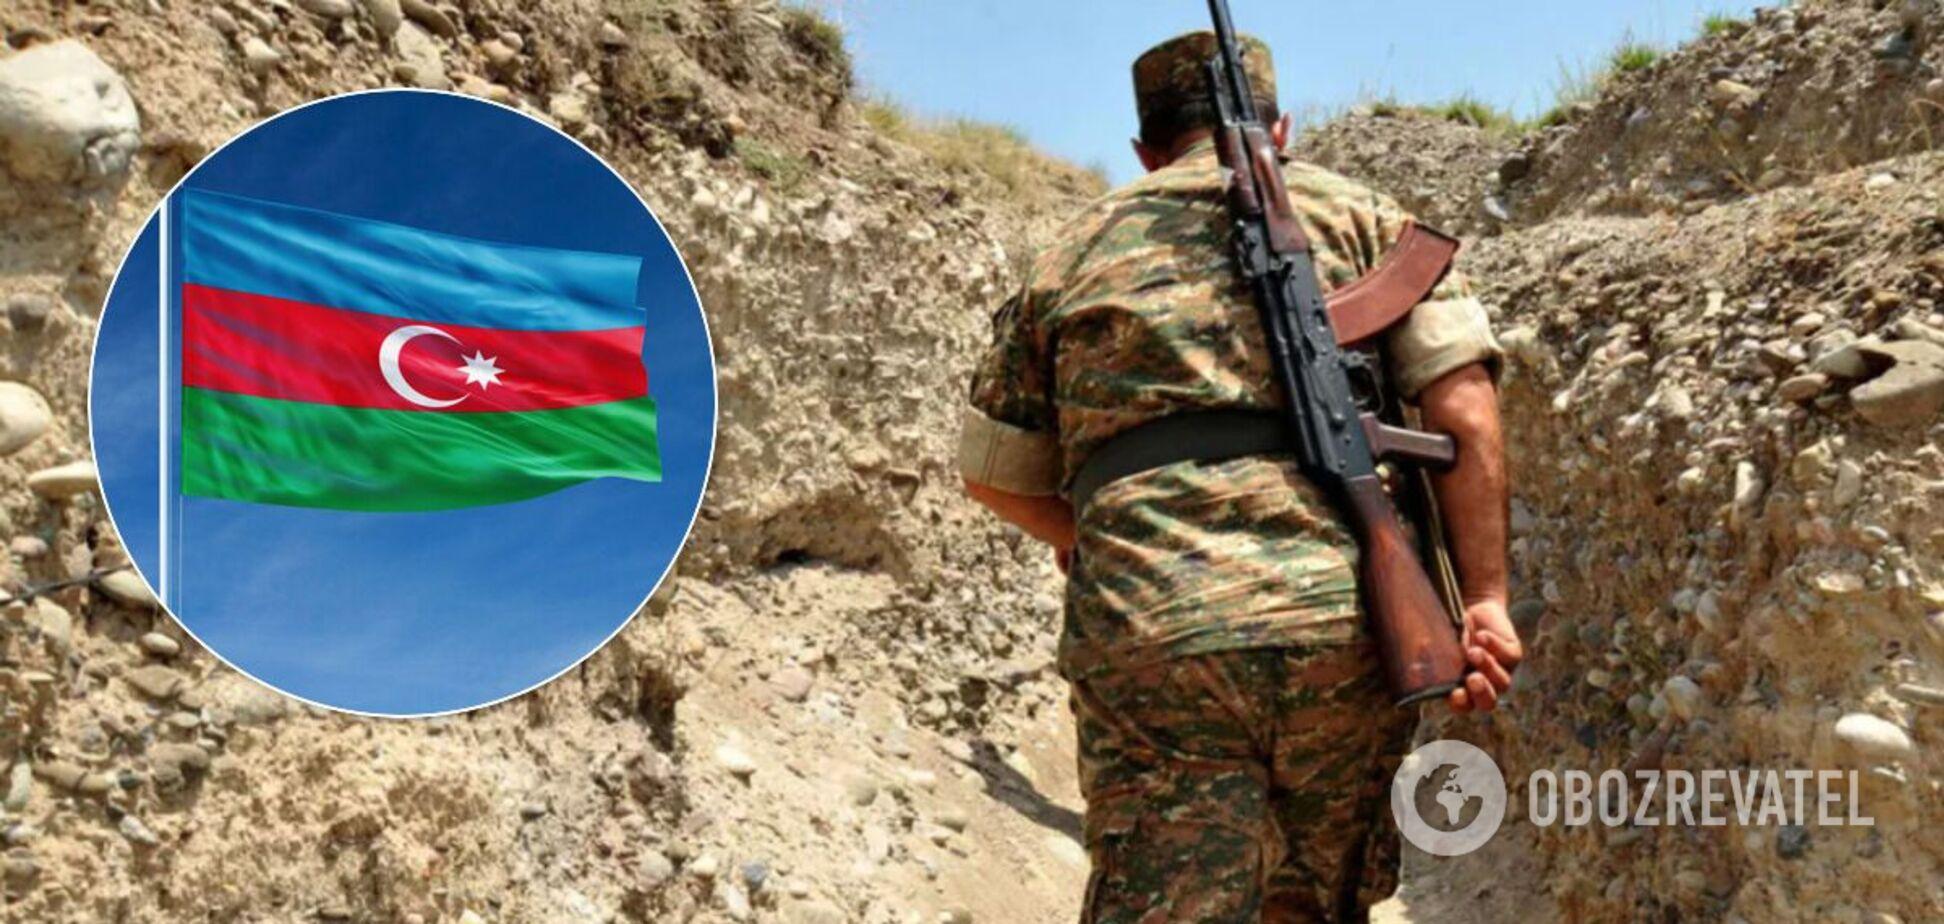 Вірменія заявила про 200 убитих військових Азербайджану